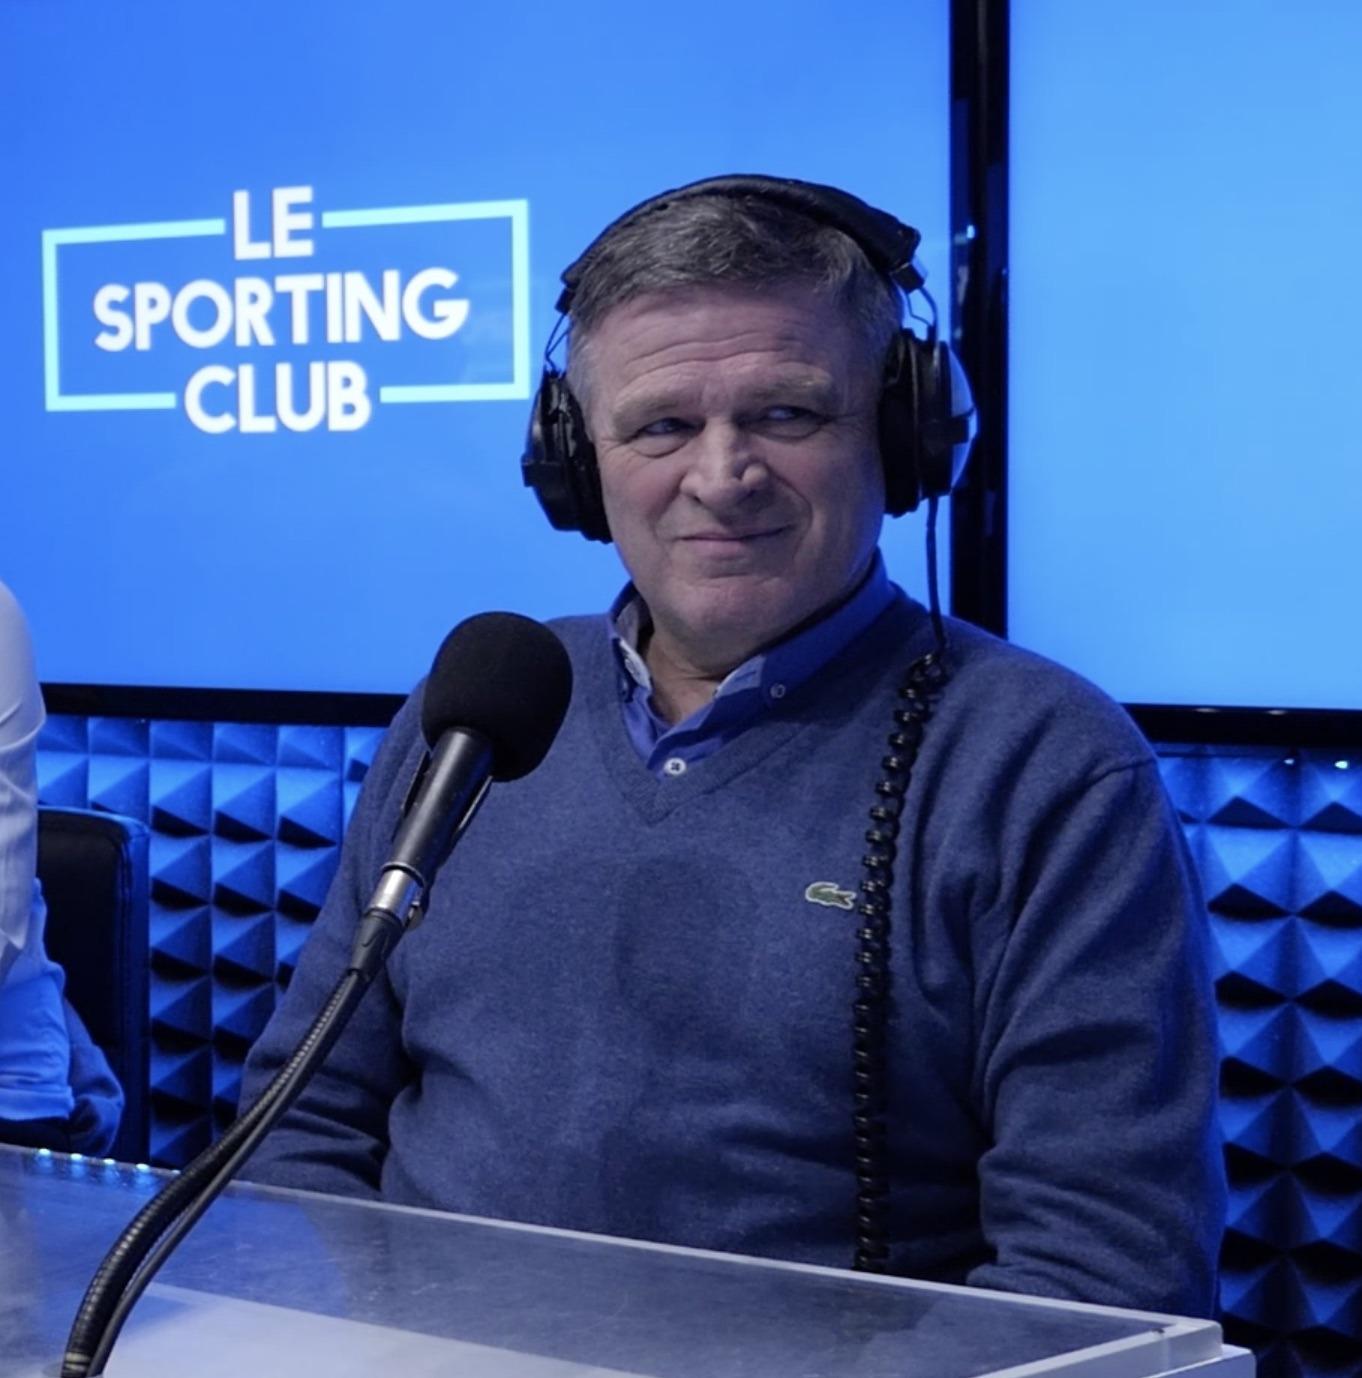 Alain Bertholom